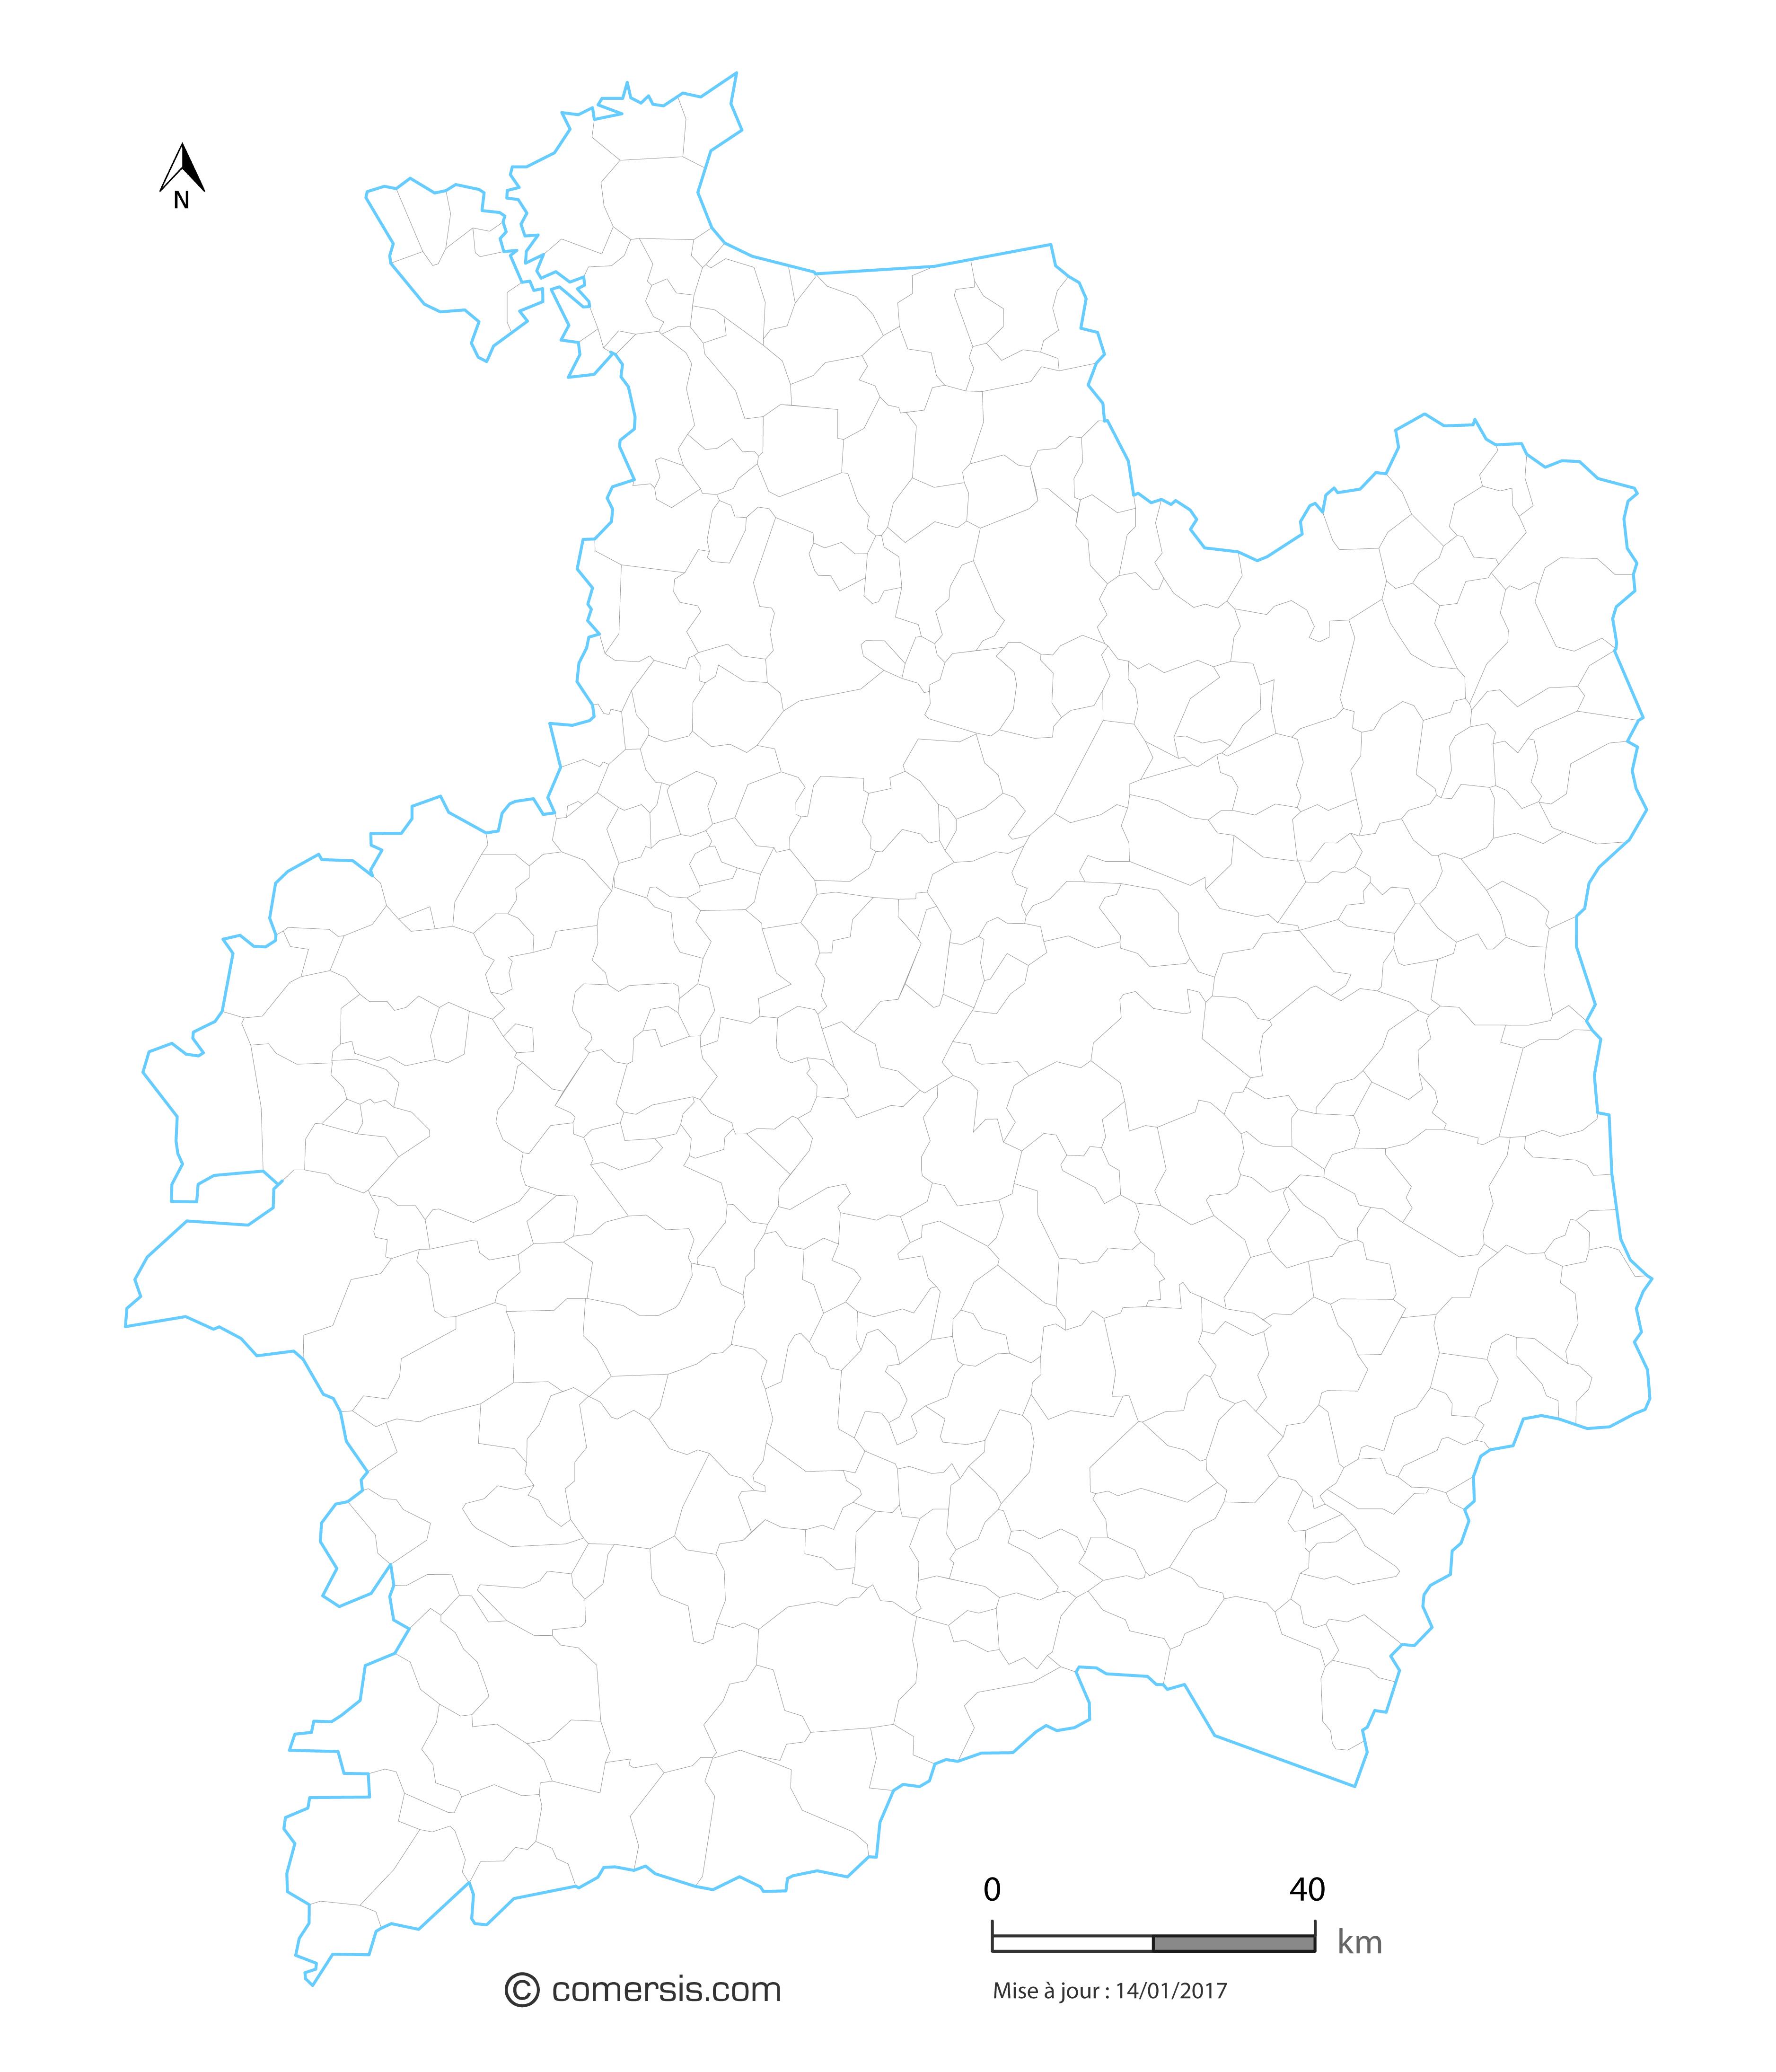 Exemple de carte du contours des communes jpg HD comersis.com